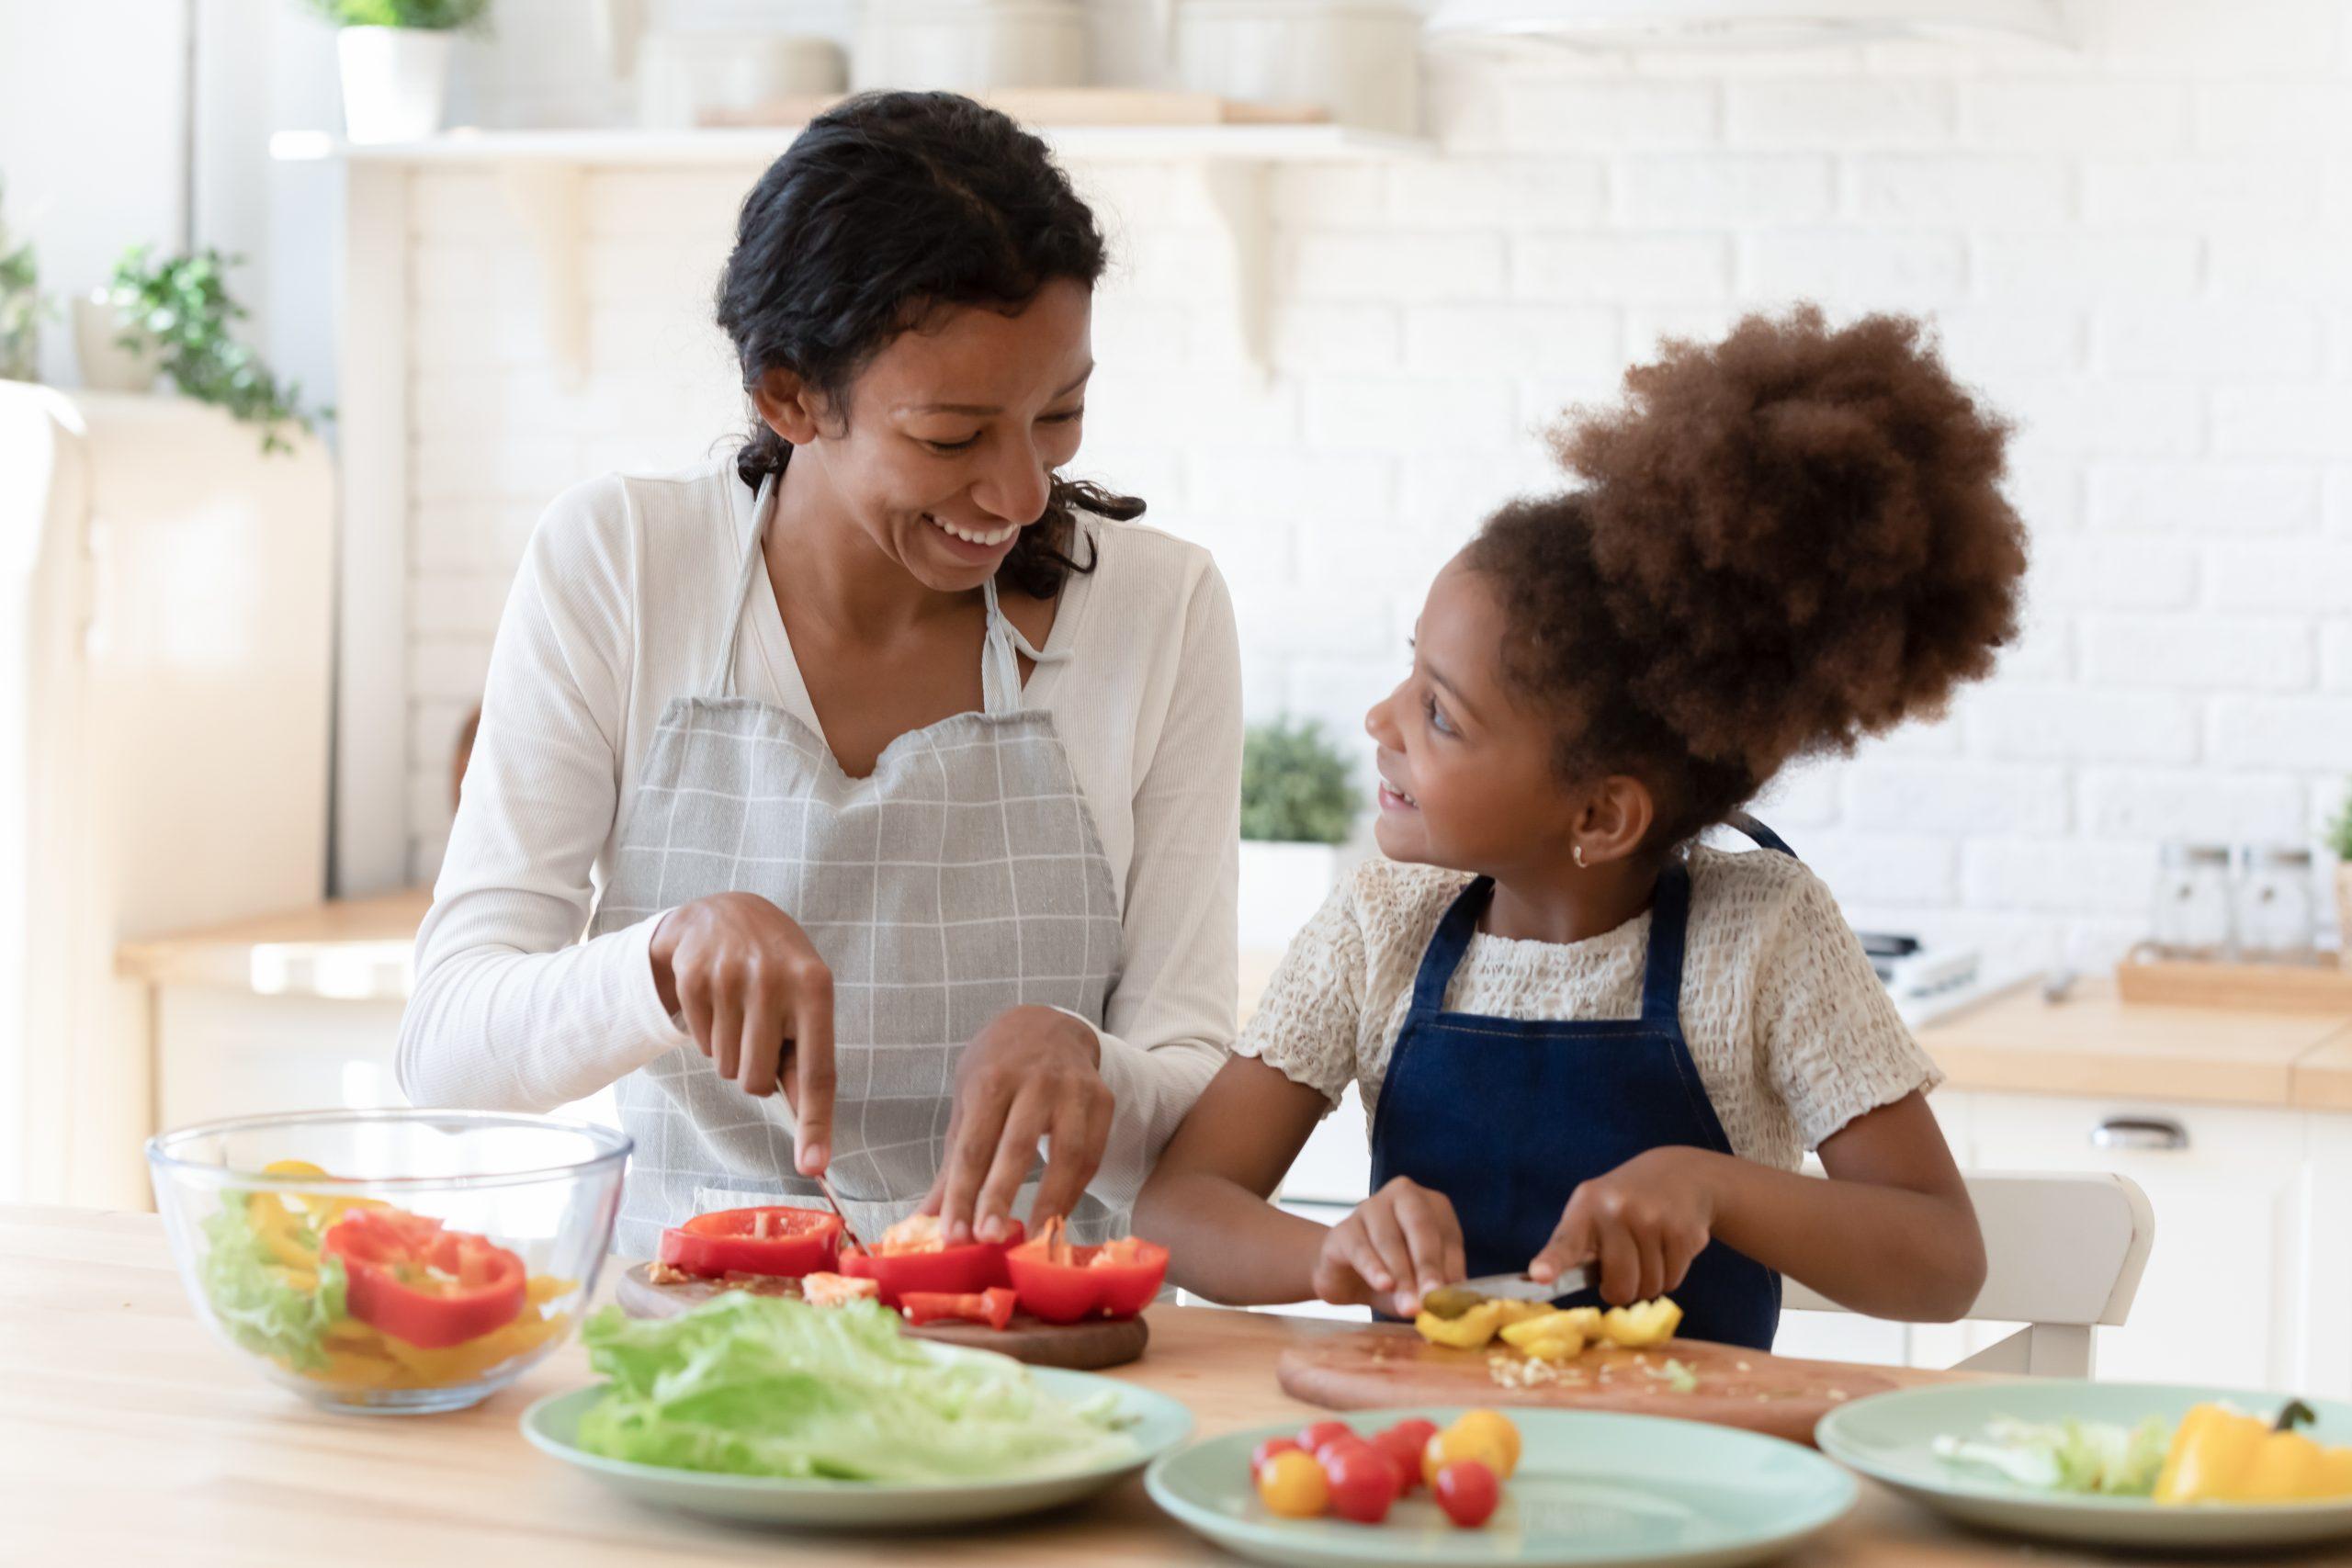 rentrée-enfants-consommation-fruits-légumes